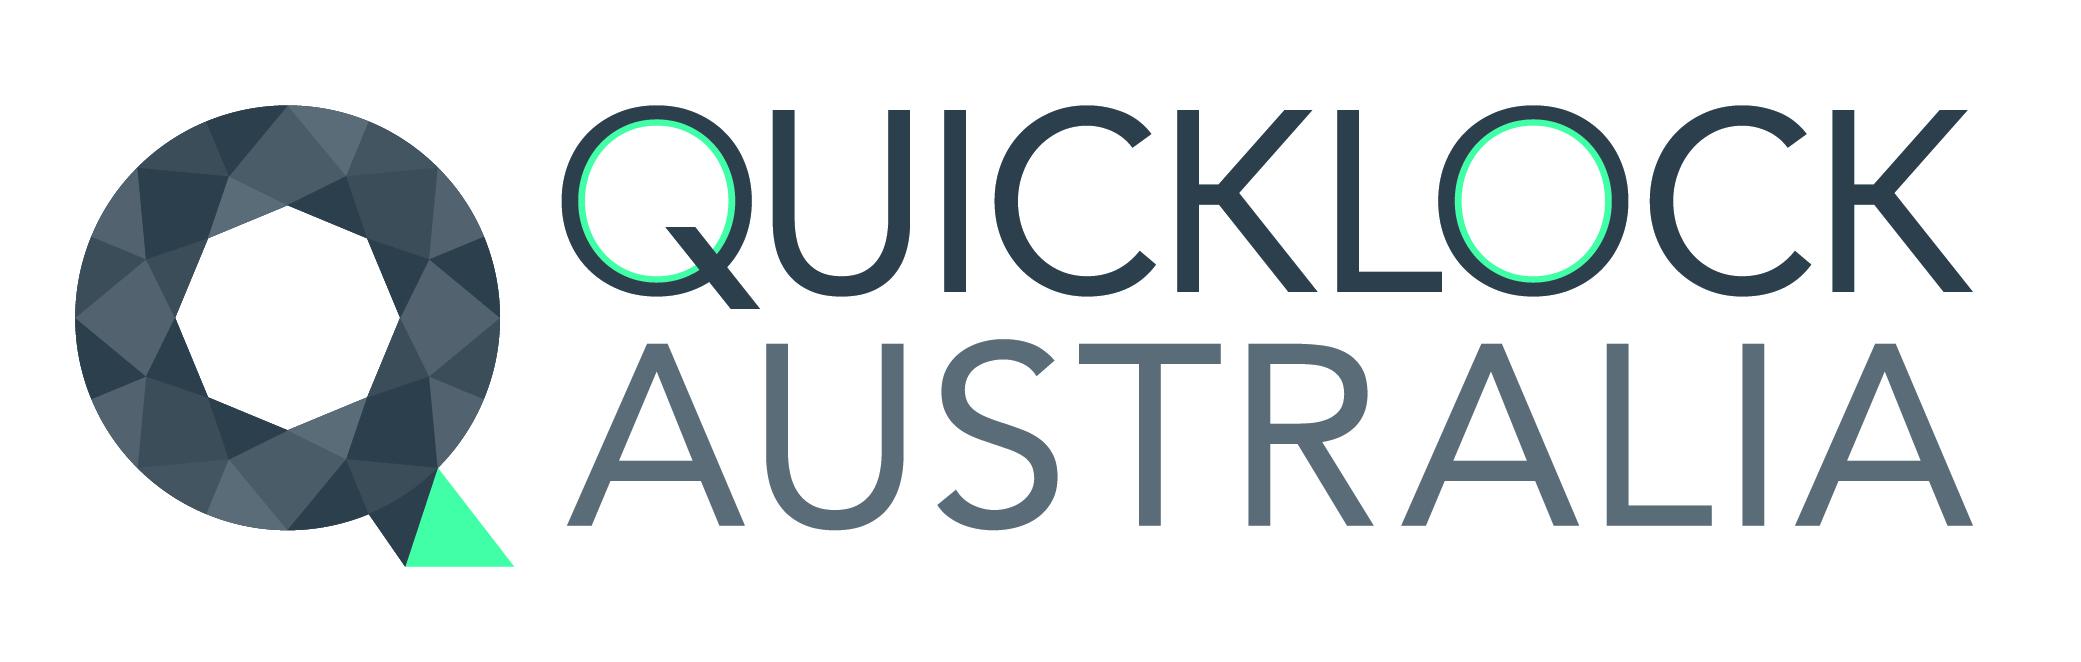 01_Quicklock01